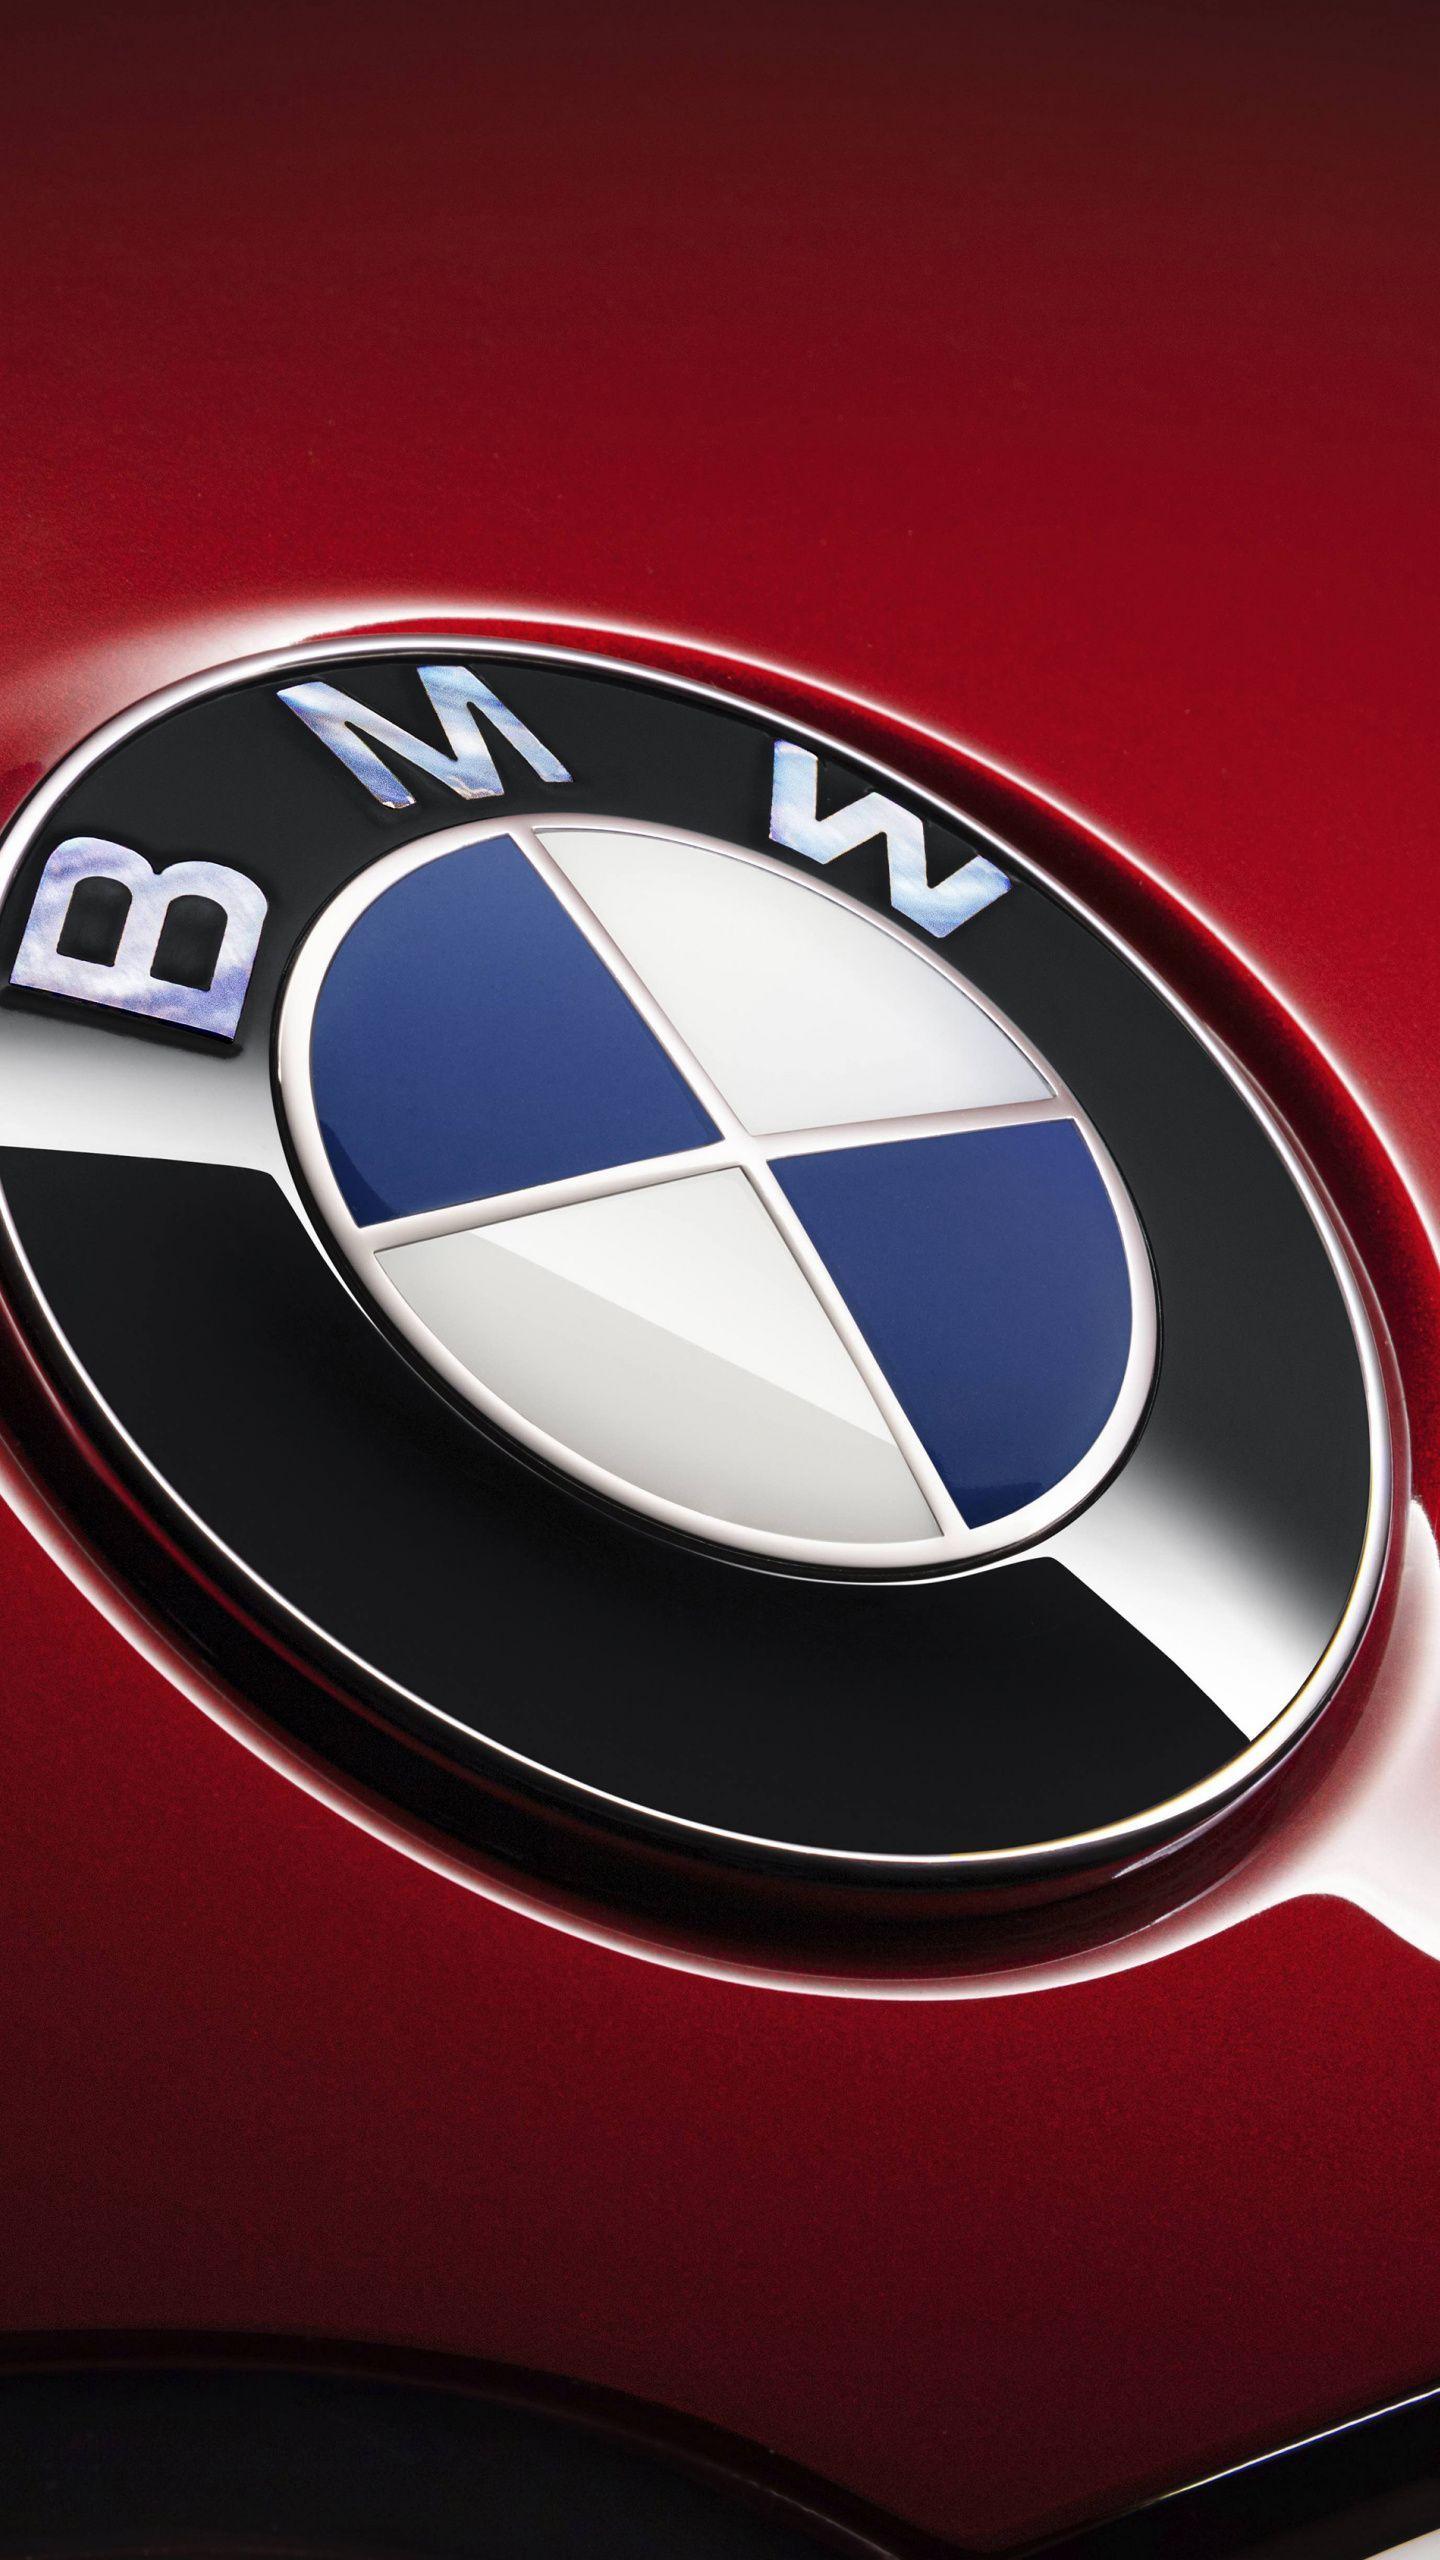 1440x2560 Red Bmw 7 Series Car Logo Wallpaper Bmw Logo Bmw 7 Series Bmw Wallpapers